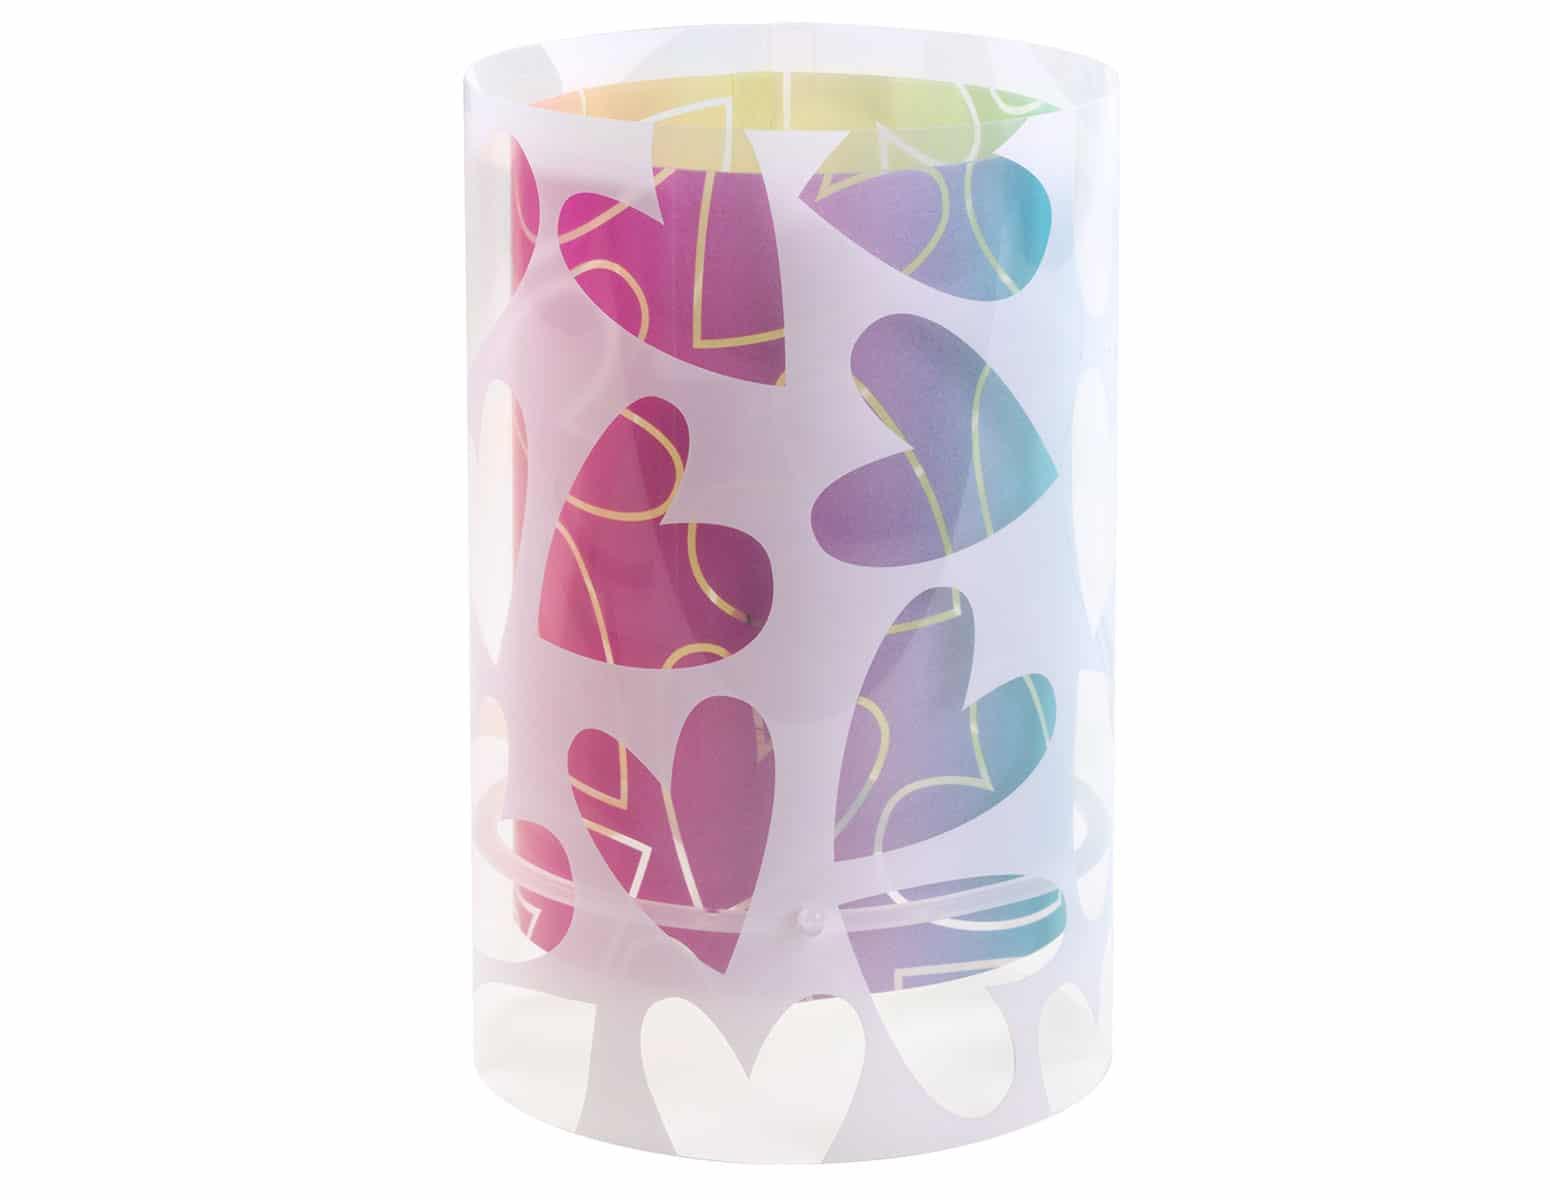 Επιτραπέζιο Φωτιστικό Cuore Ango 14x14x26εκ. 41181 (Υλικό: Πλαστικό) – ango – ANGO_41181